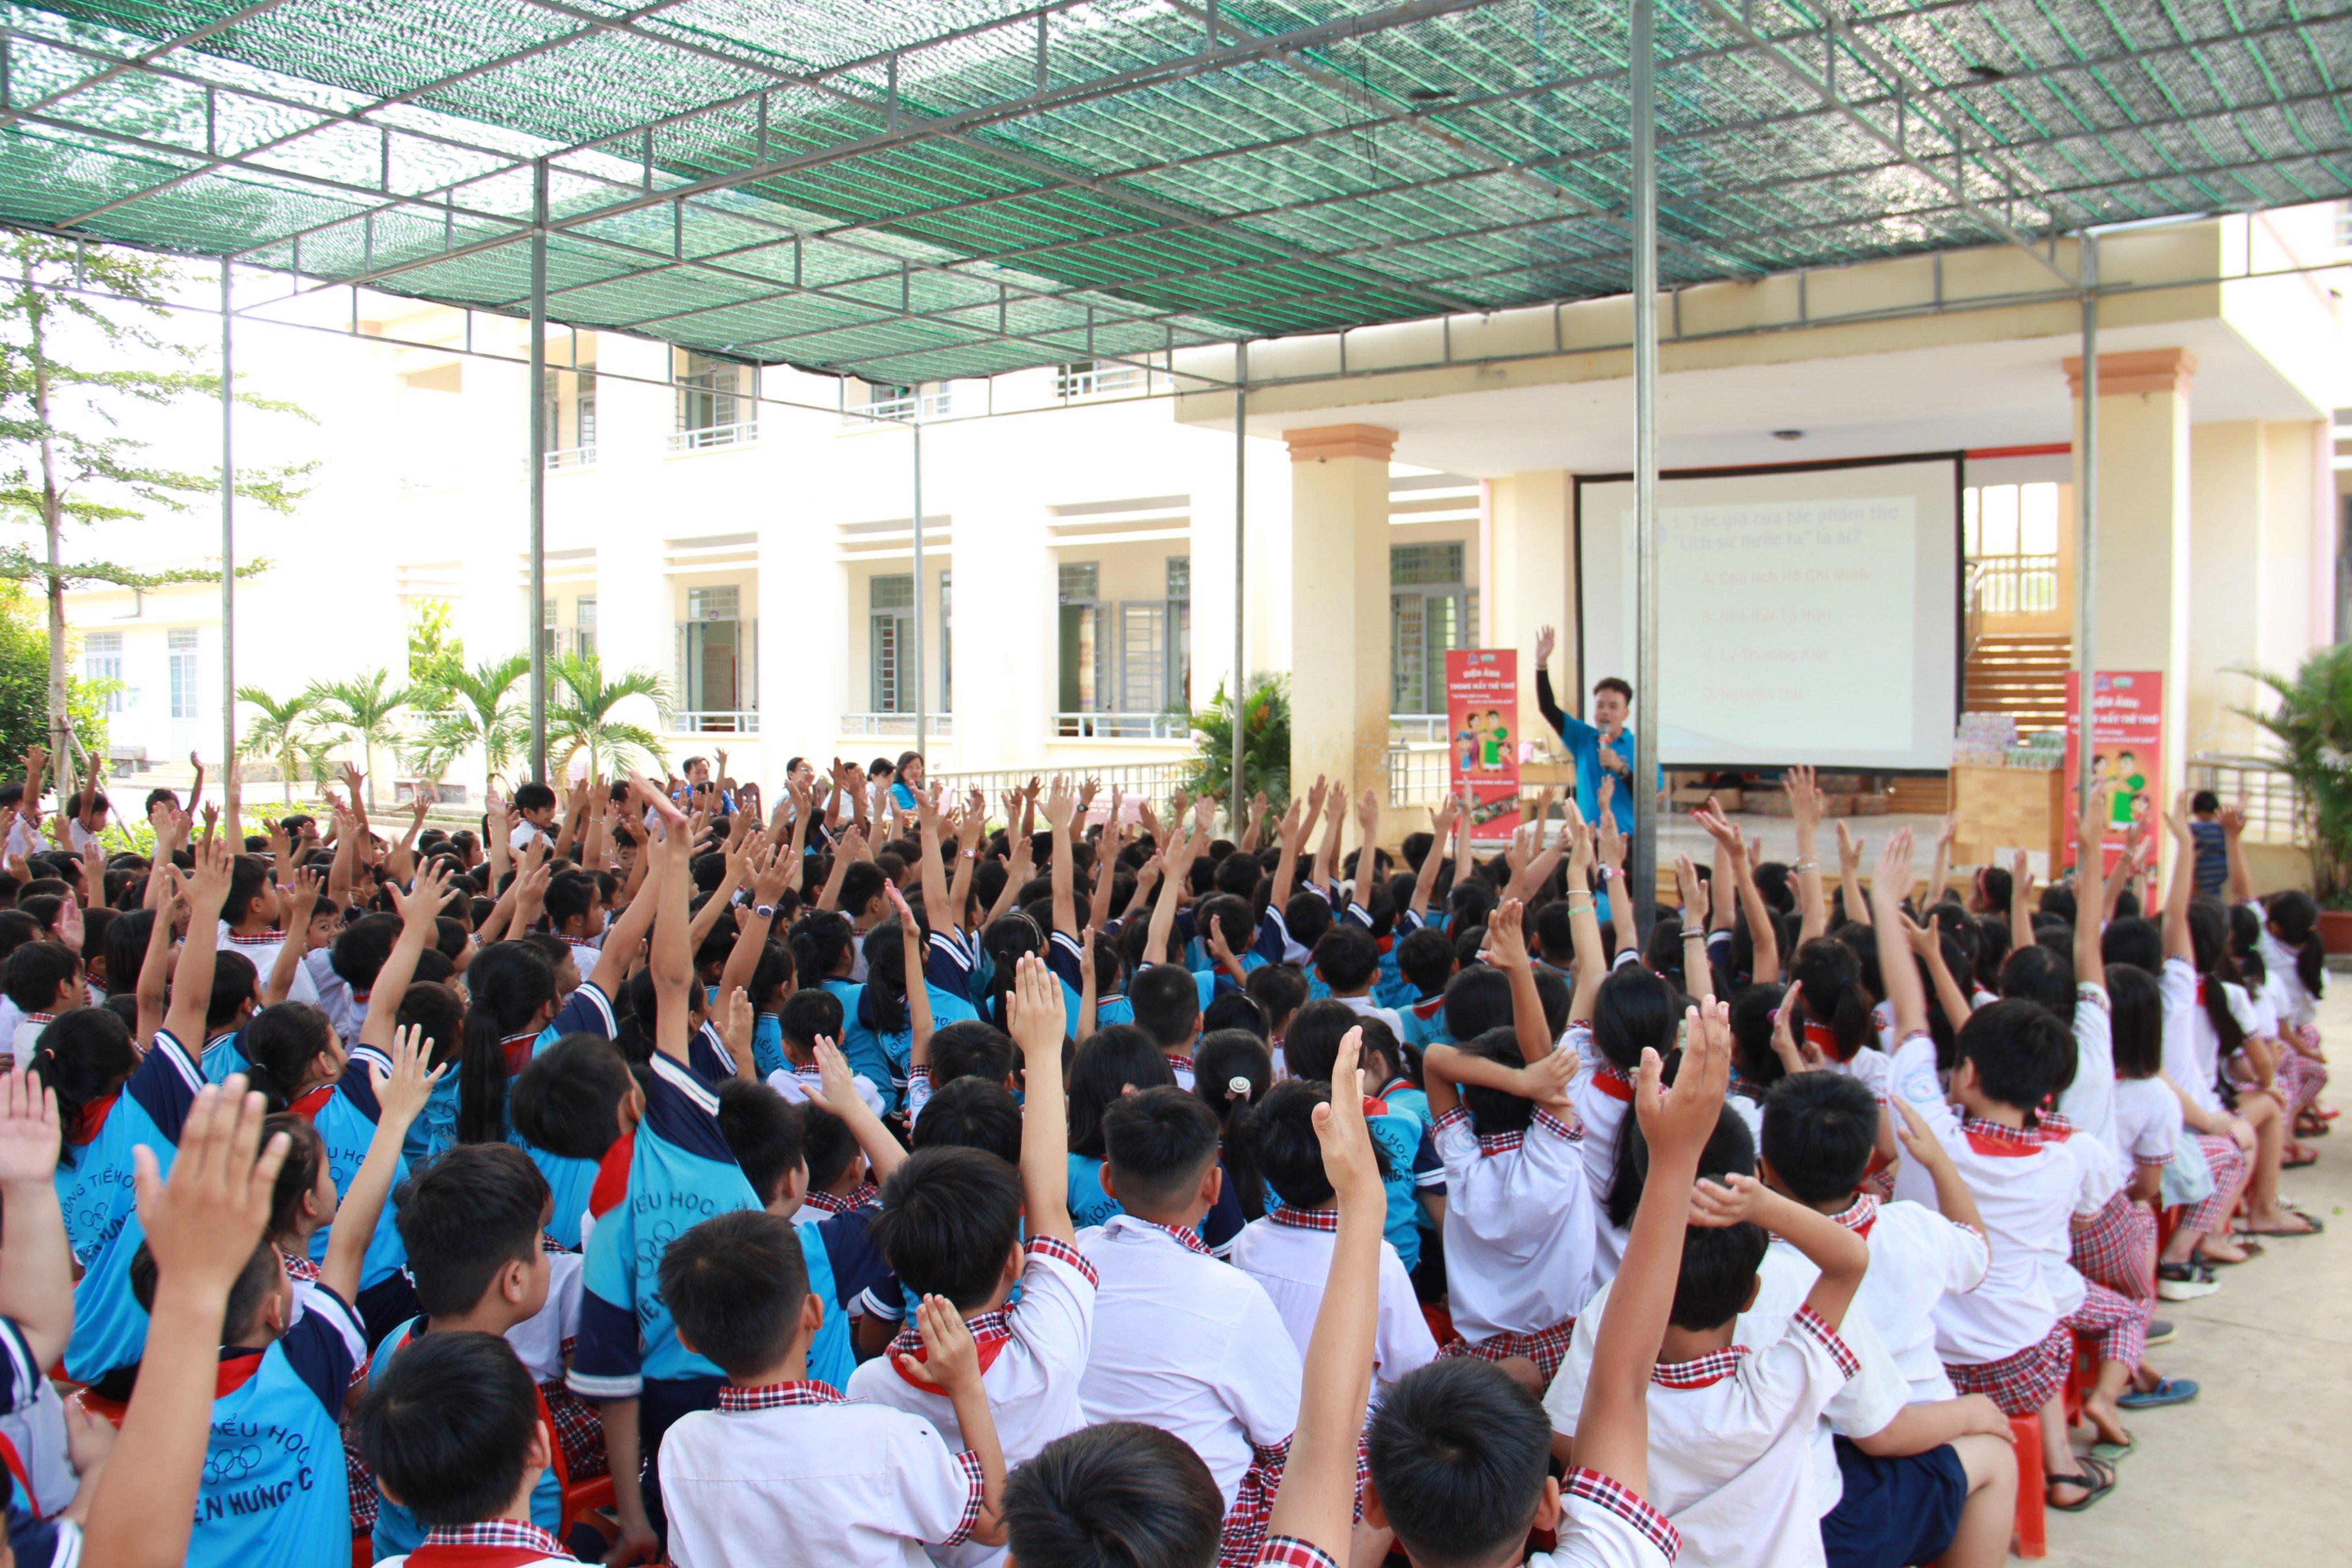 Các em học sinh hào hứng giơ tay, giành quyền trả lời các câu hỏi sau khi xem phim.